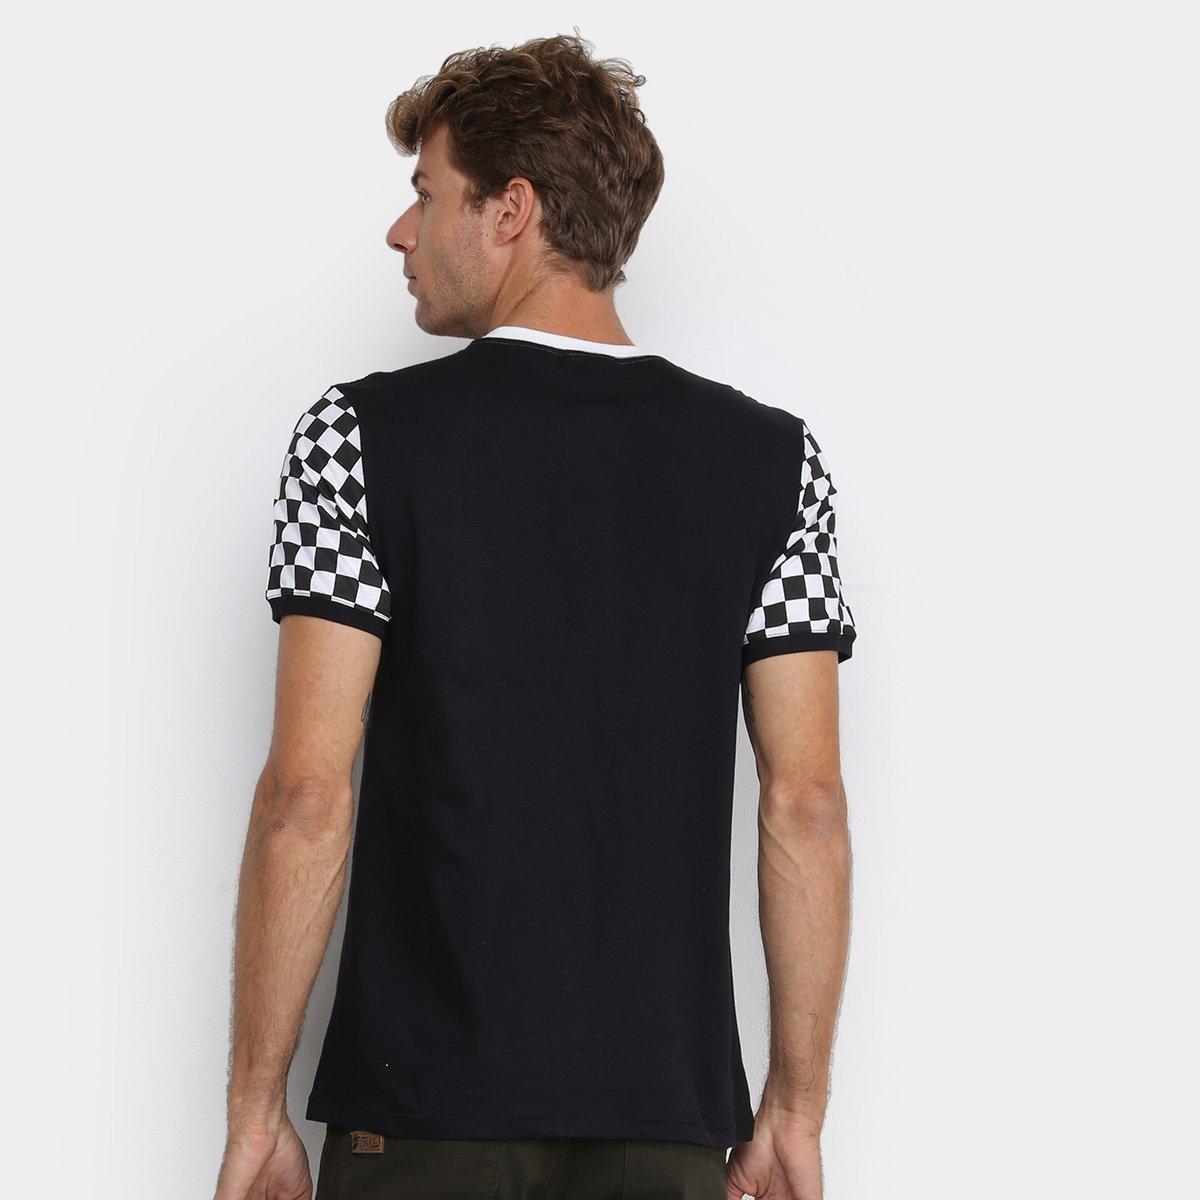 Camiseta Cavalera Race Quadriculada Masculina - Preto